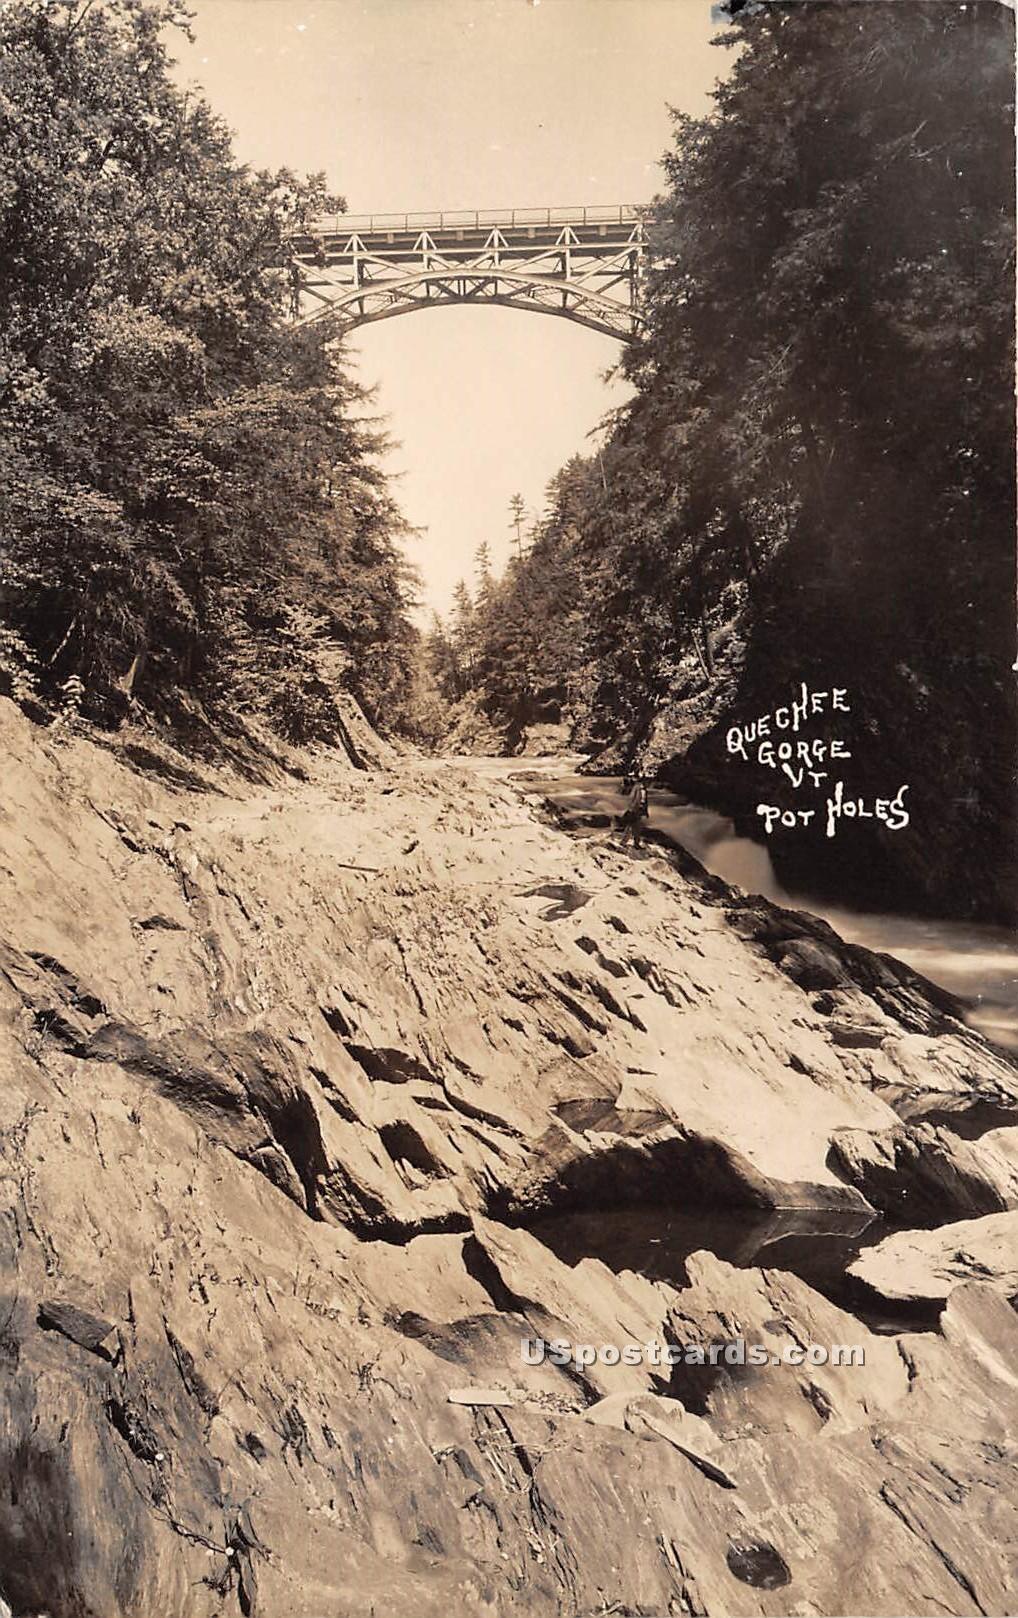 Pot Holes - Quechee Gorge, Vermont VT Postcard